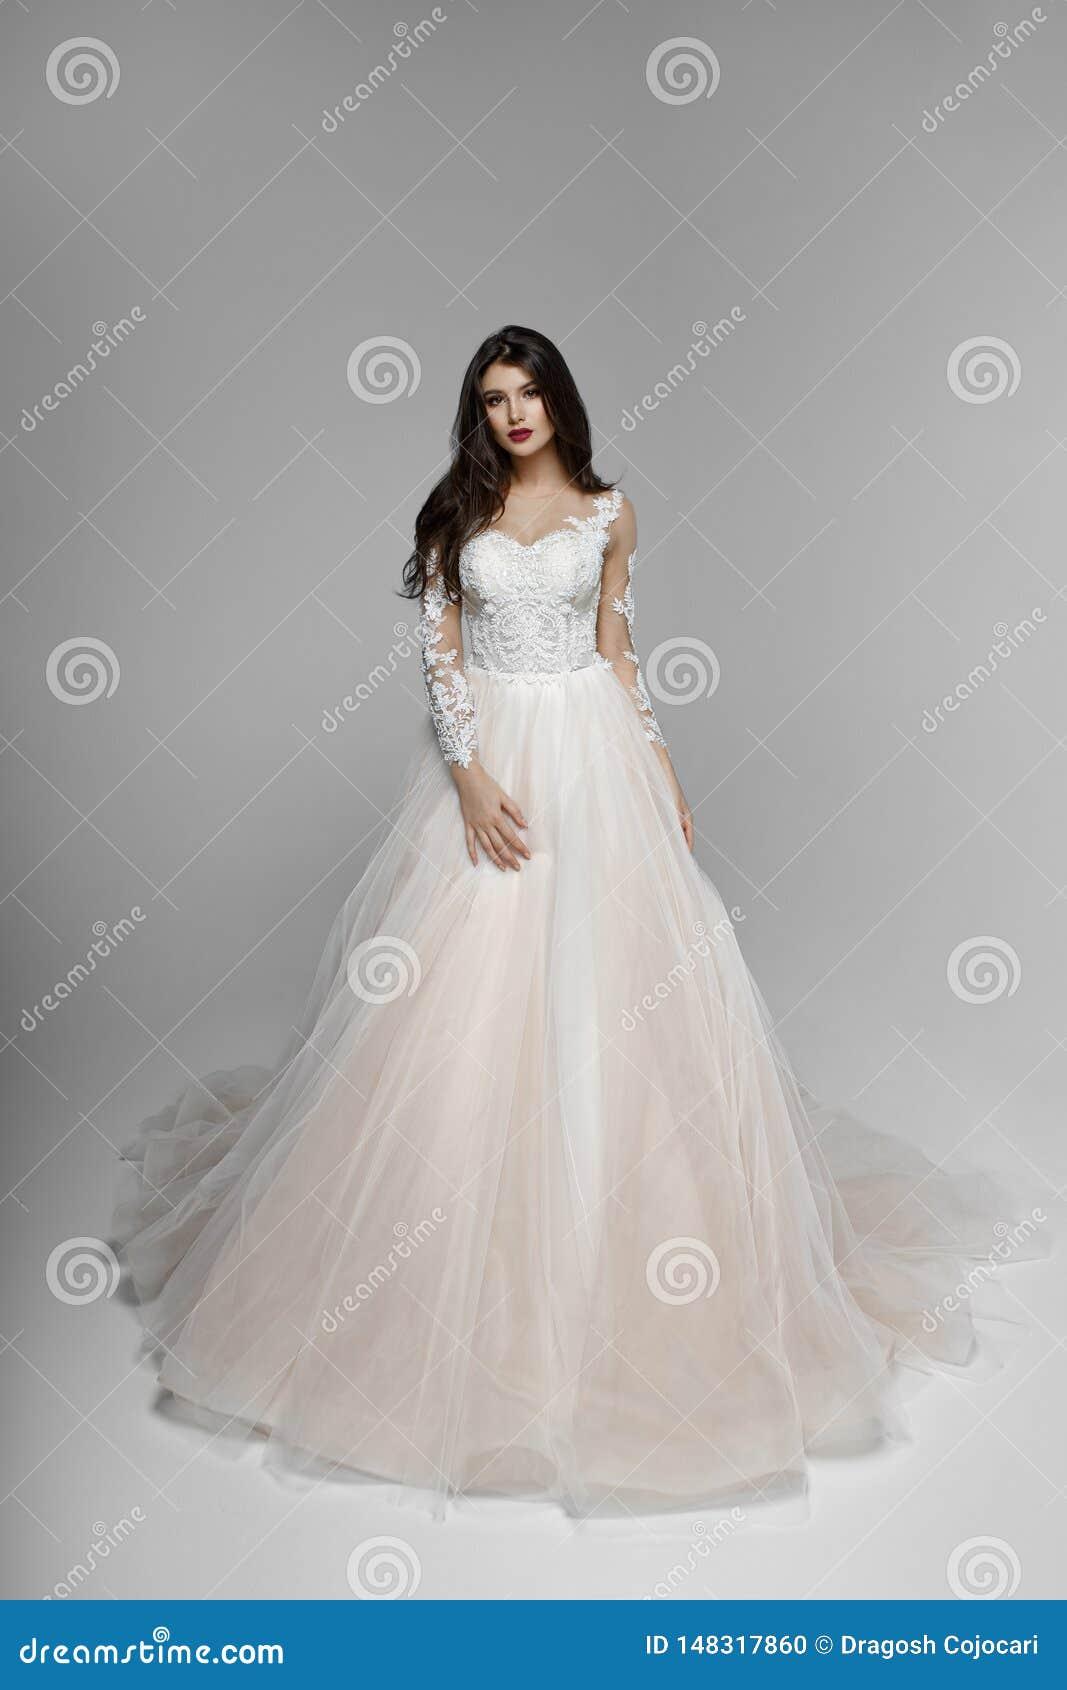 Sch?nheitsportr?t der Braut im Hochzeitskleid mit Make-up und Frisur, Studio Kopieren Sie Platz